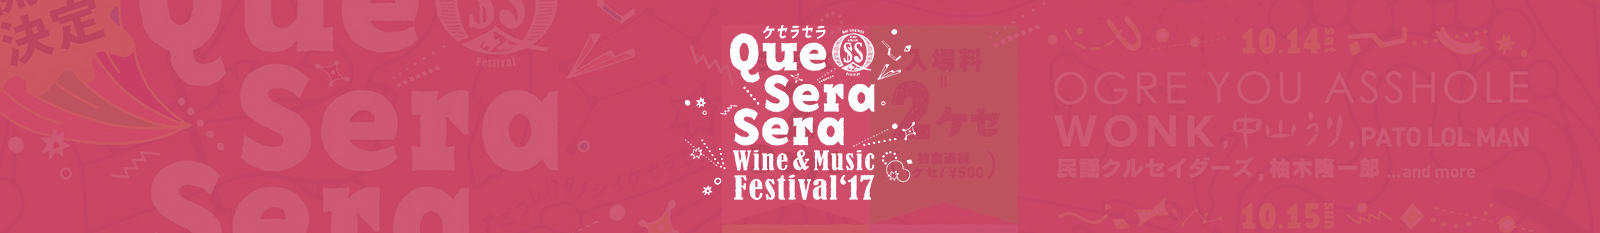 Que Sera Sera Wine & Music Fectival '17